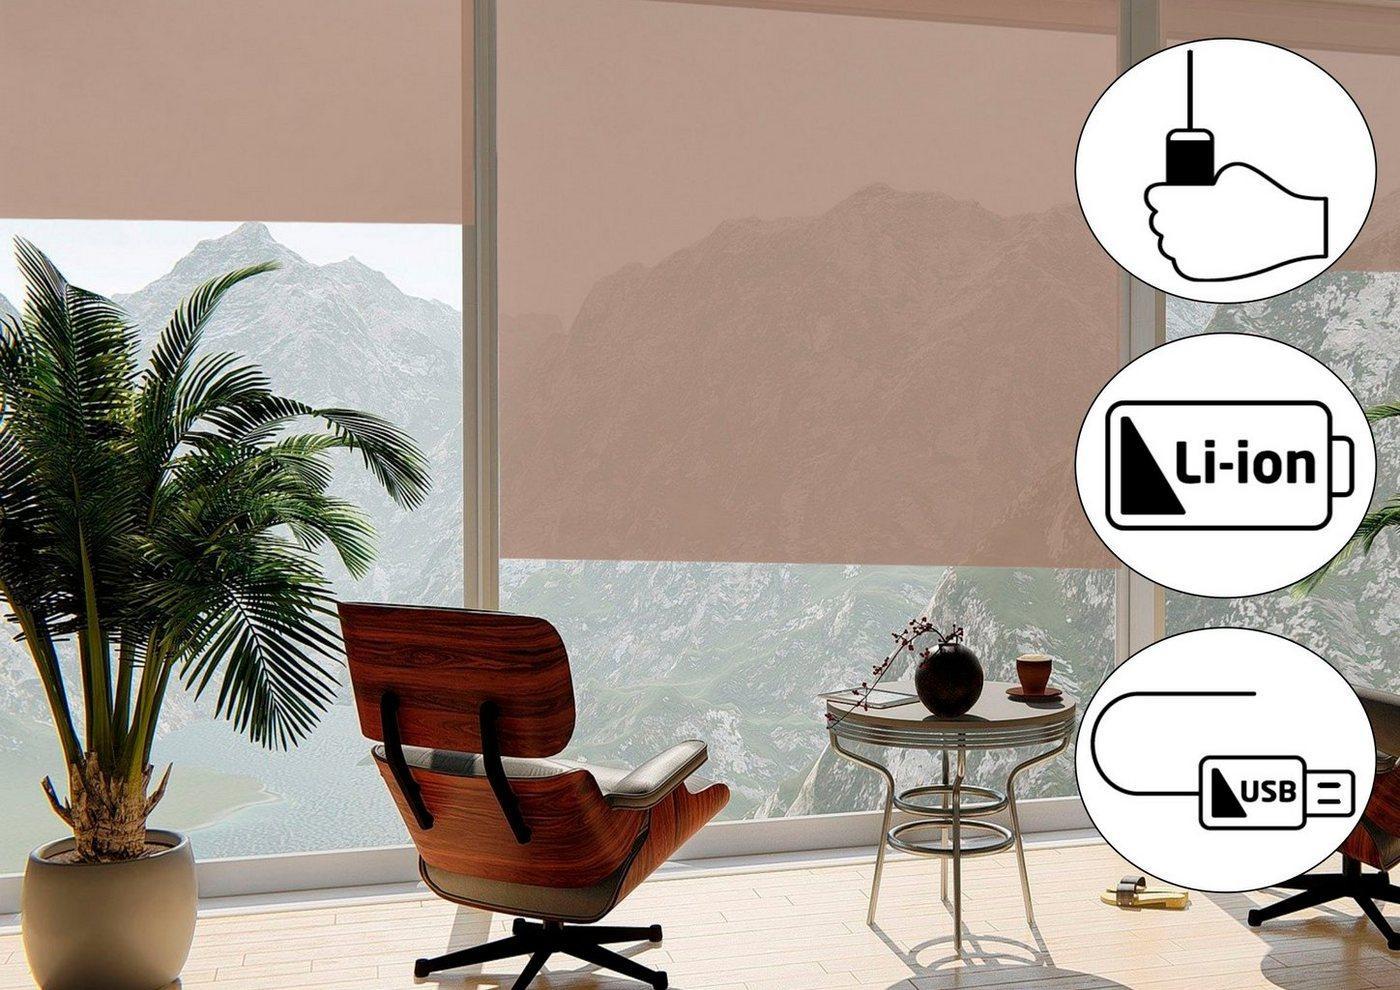 Seitenzugrollo »Classic Style Akku-Rollo«, sunlines, Lichtschutz, freihängend, Made in Germany, beige